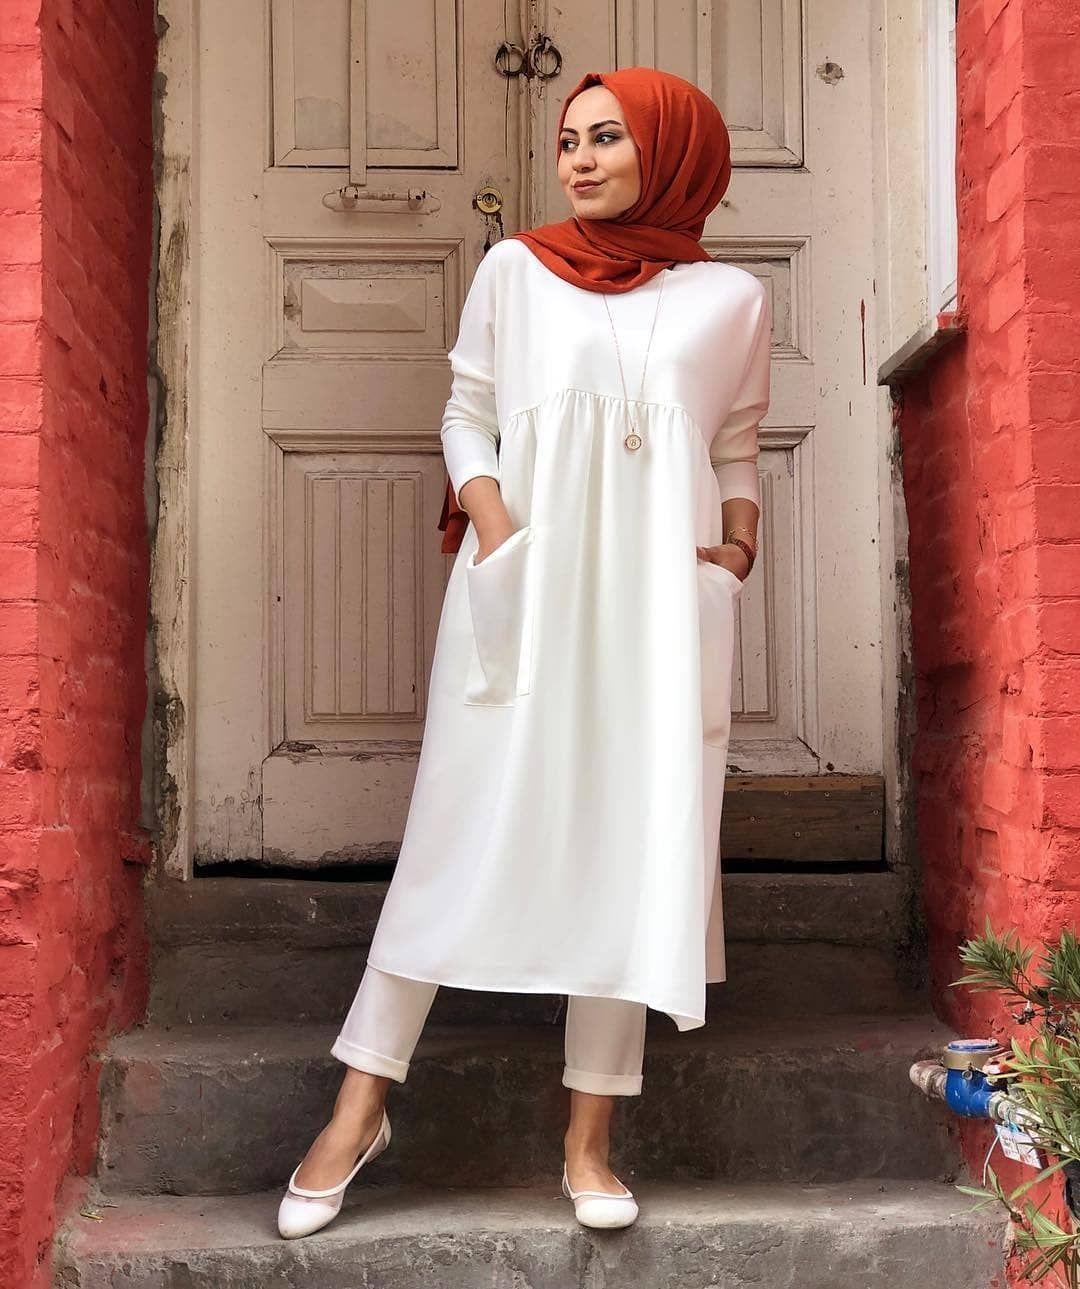 New The 10 Best Home Decor With Pictures Sizcə Ag Tərzini Bizimlə Yarat Moda Yusra Moda Modayusra Hicab Geyim Fashion Fashion Blogger Hijab Fashion